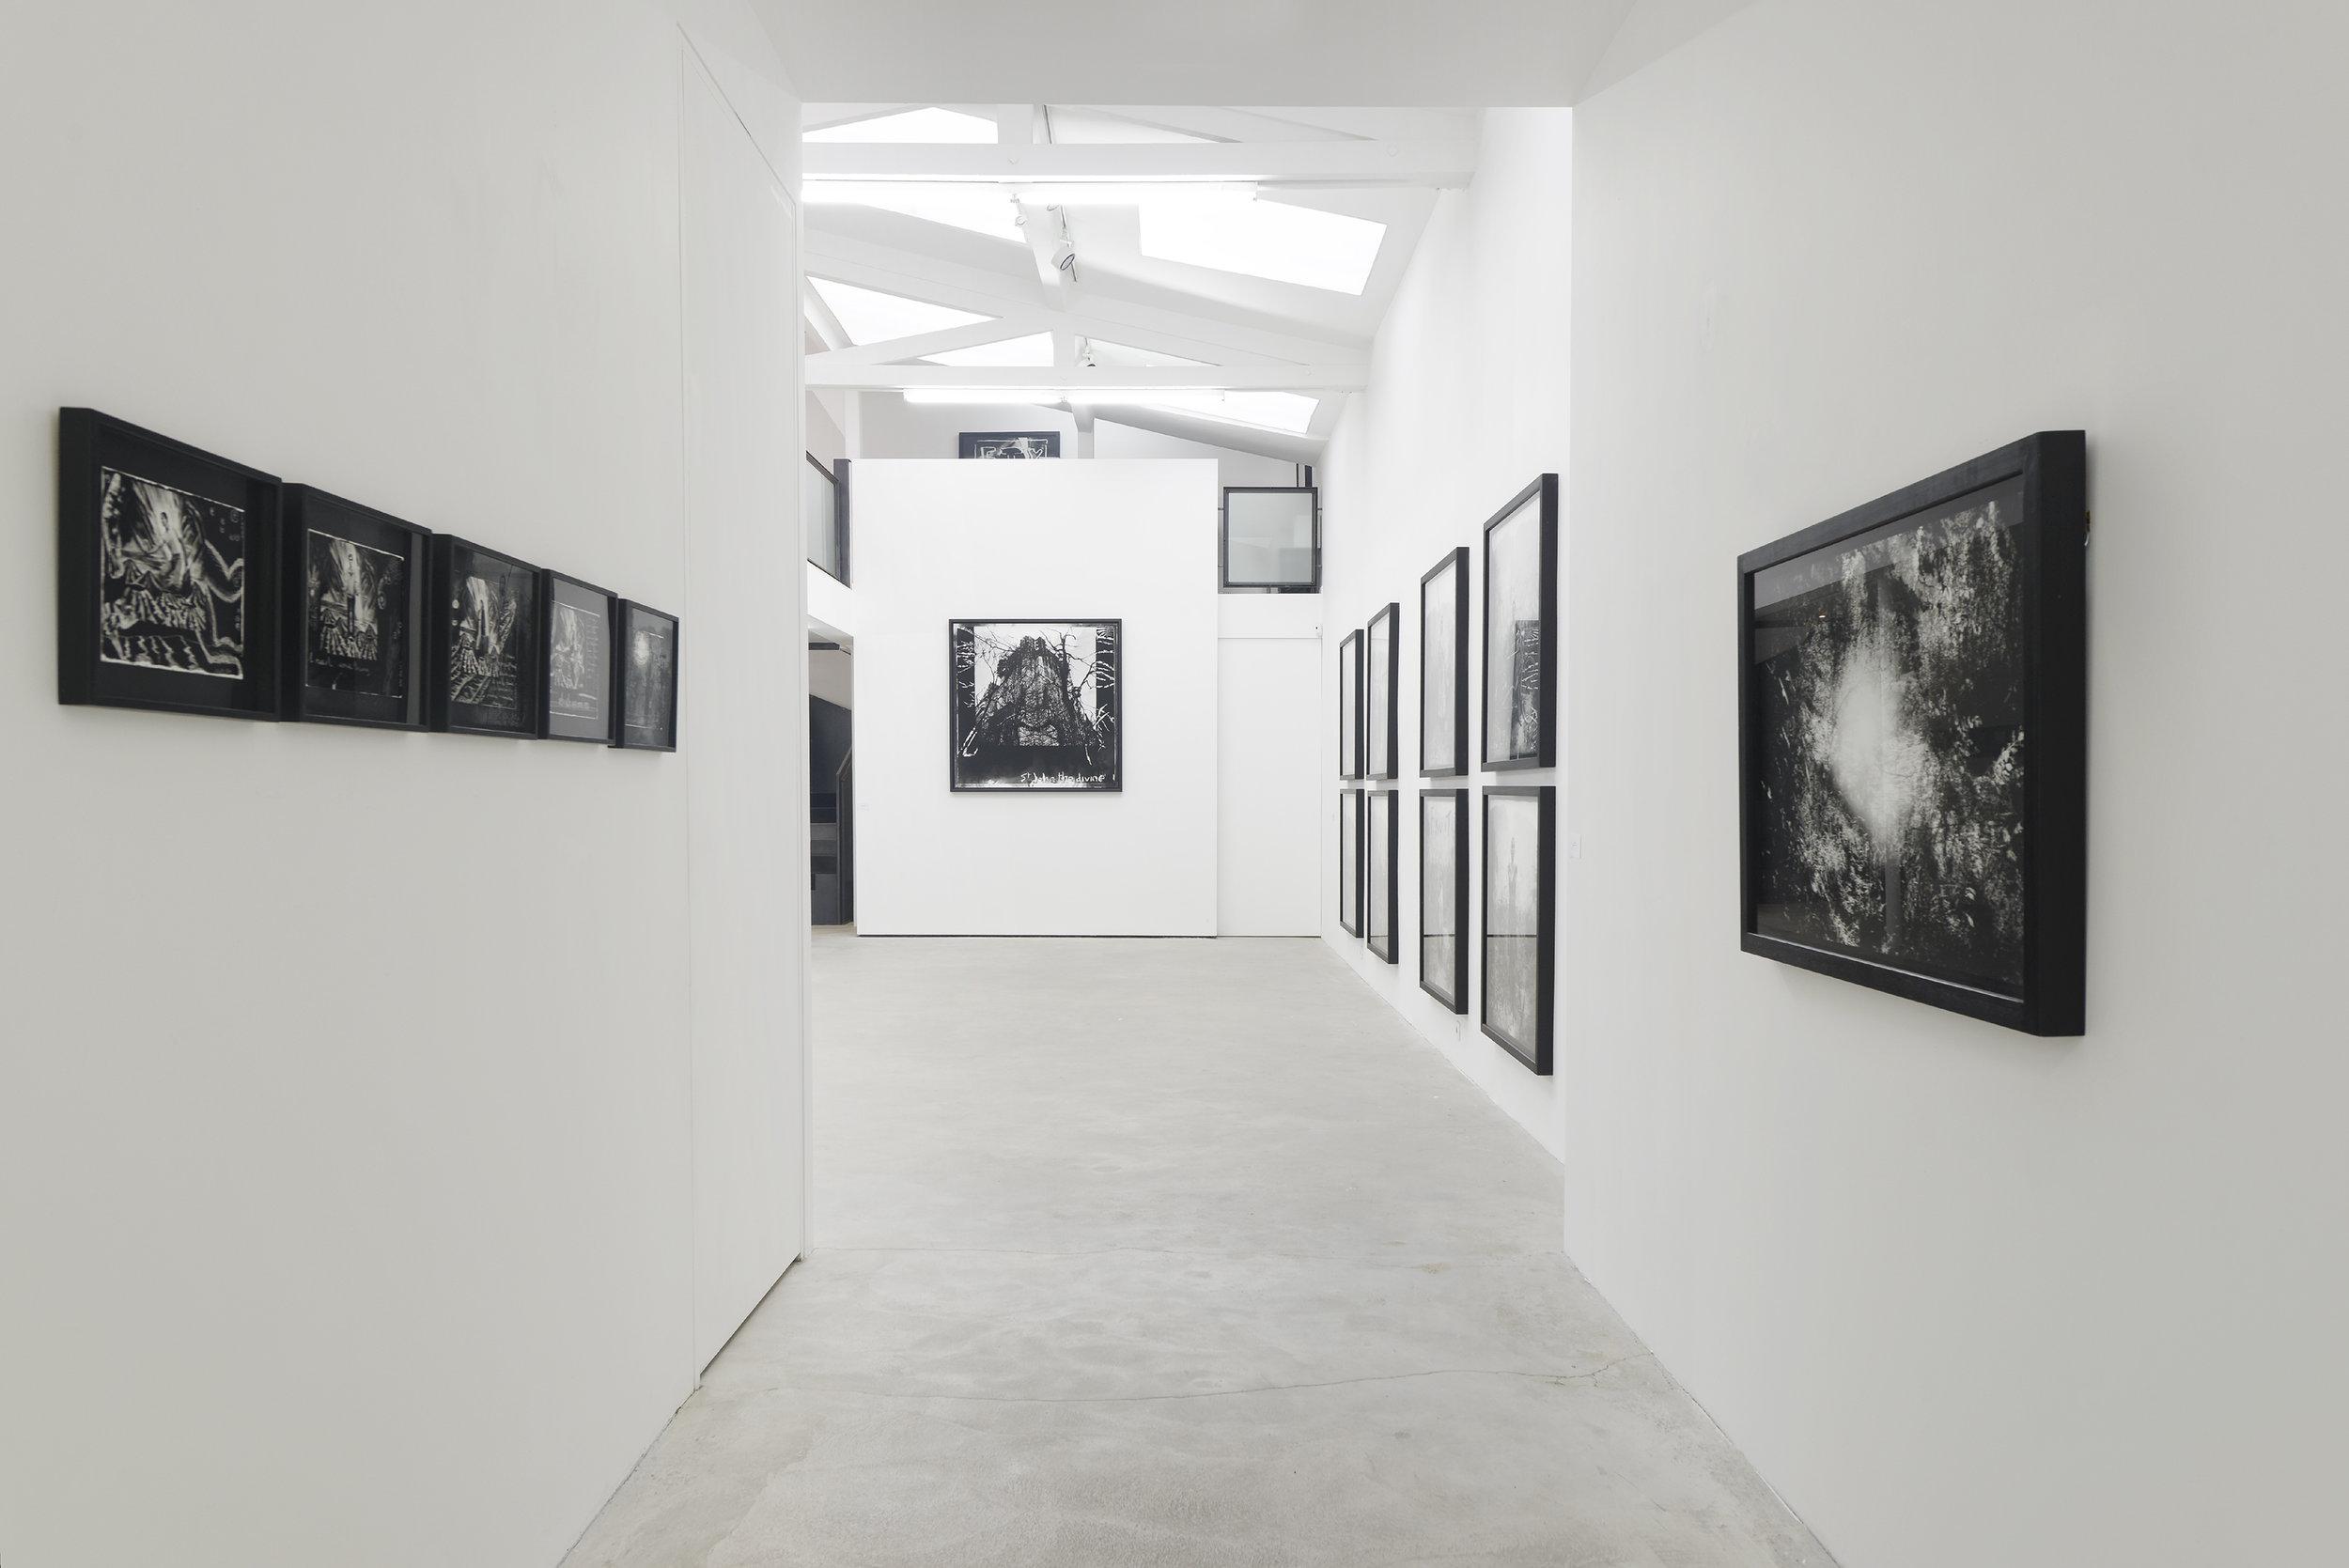 Louis Jammes, Parcours, Galerie Rabouan Moussion